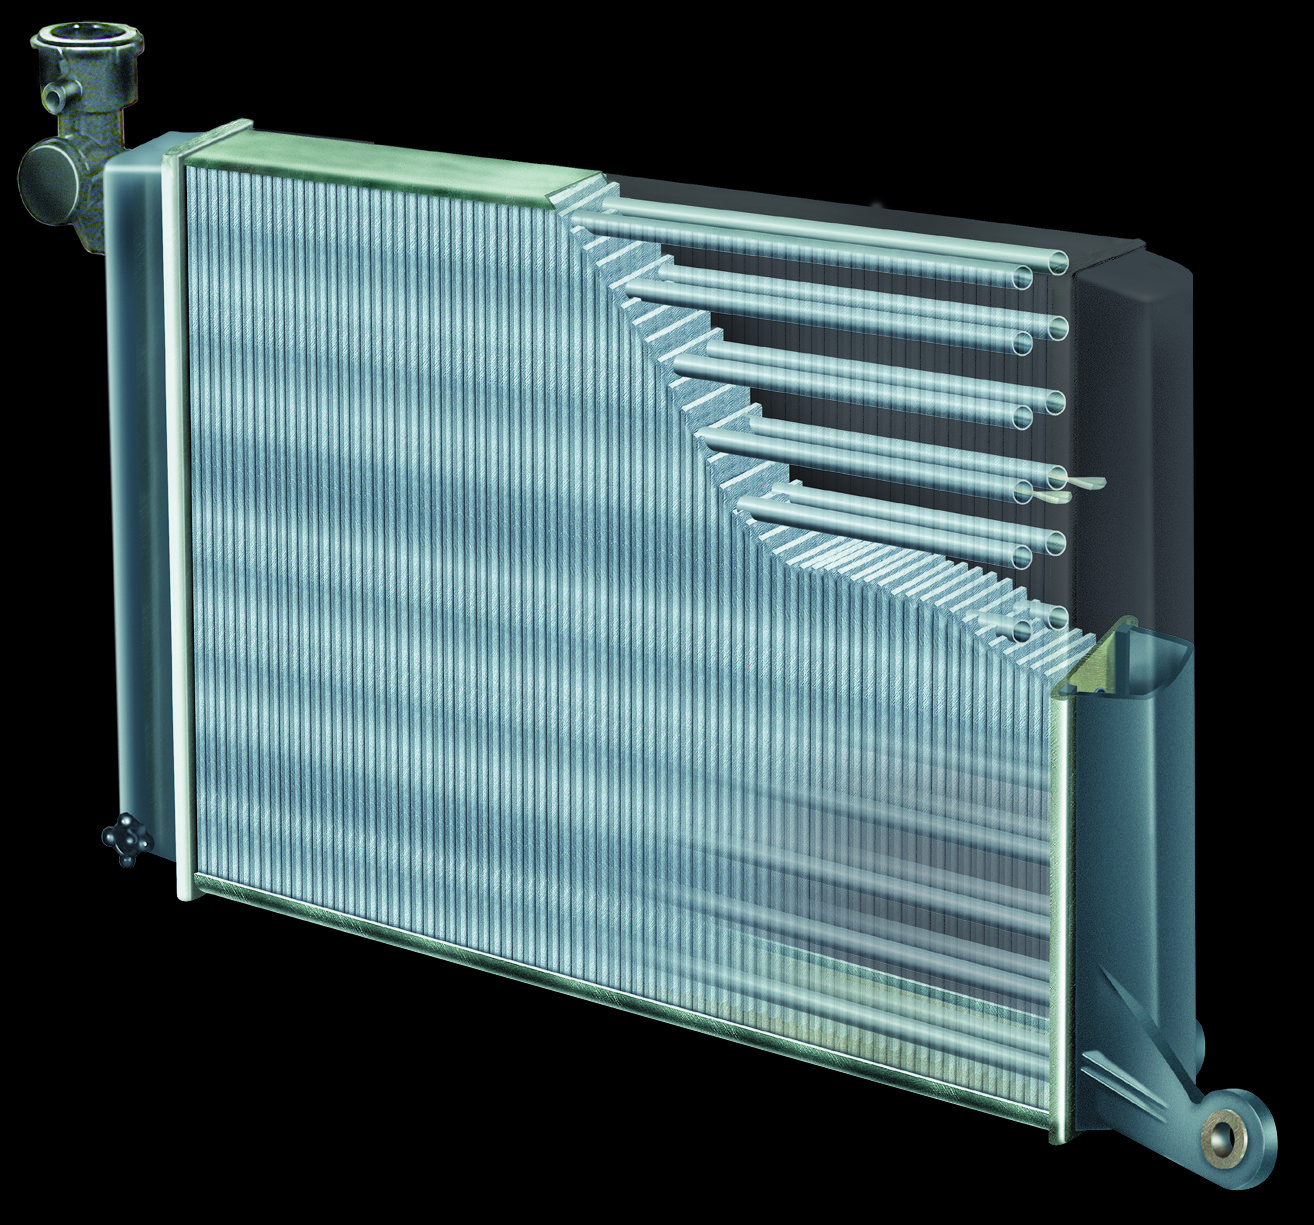 Как почистить радиатор кондиционера автомобиля снаружи?